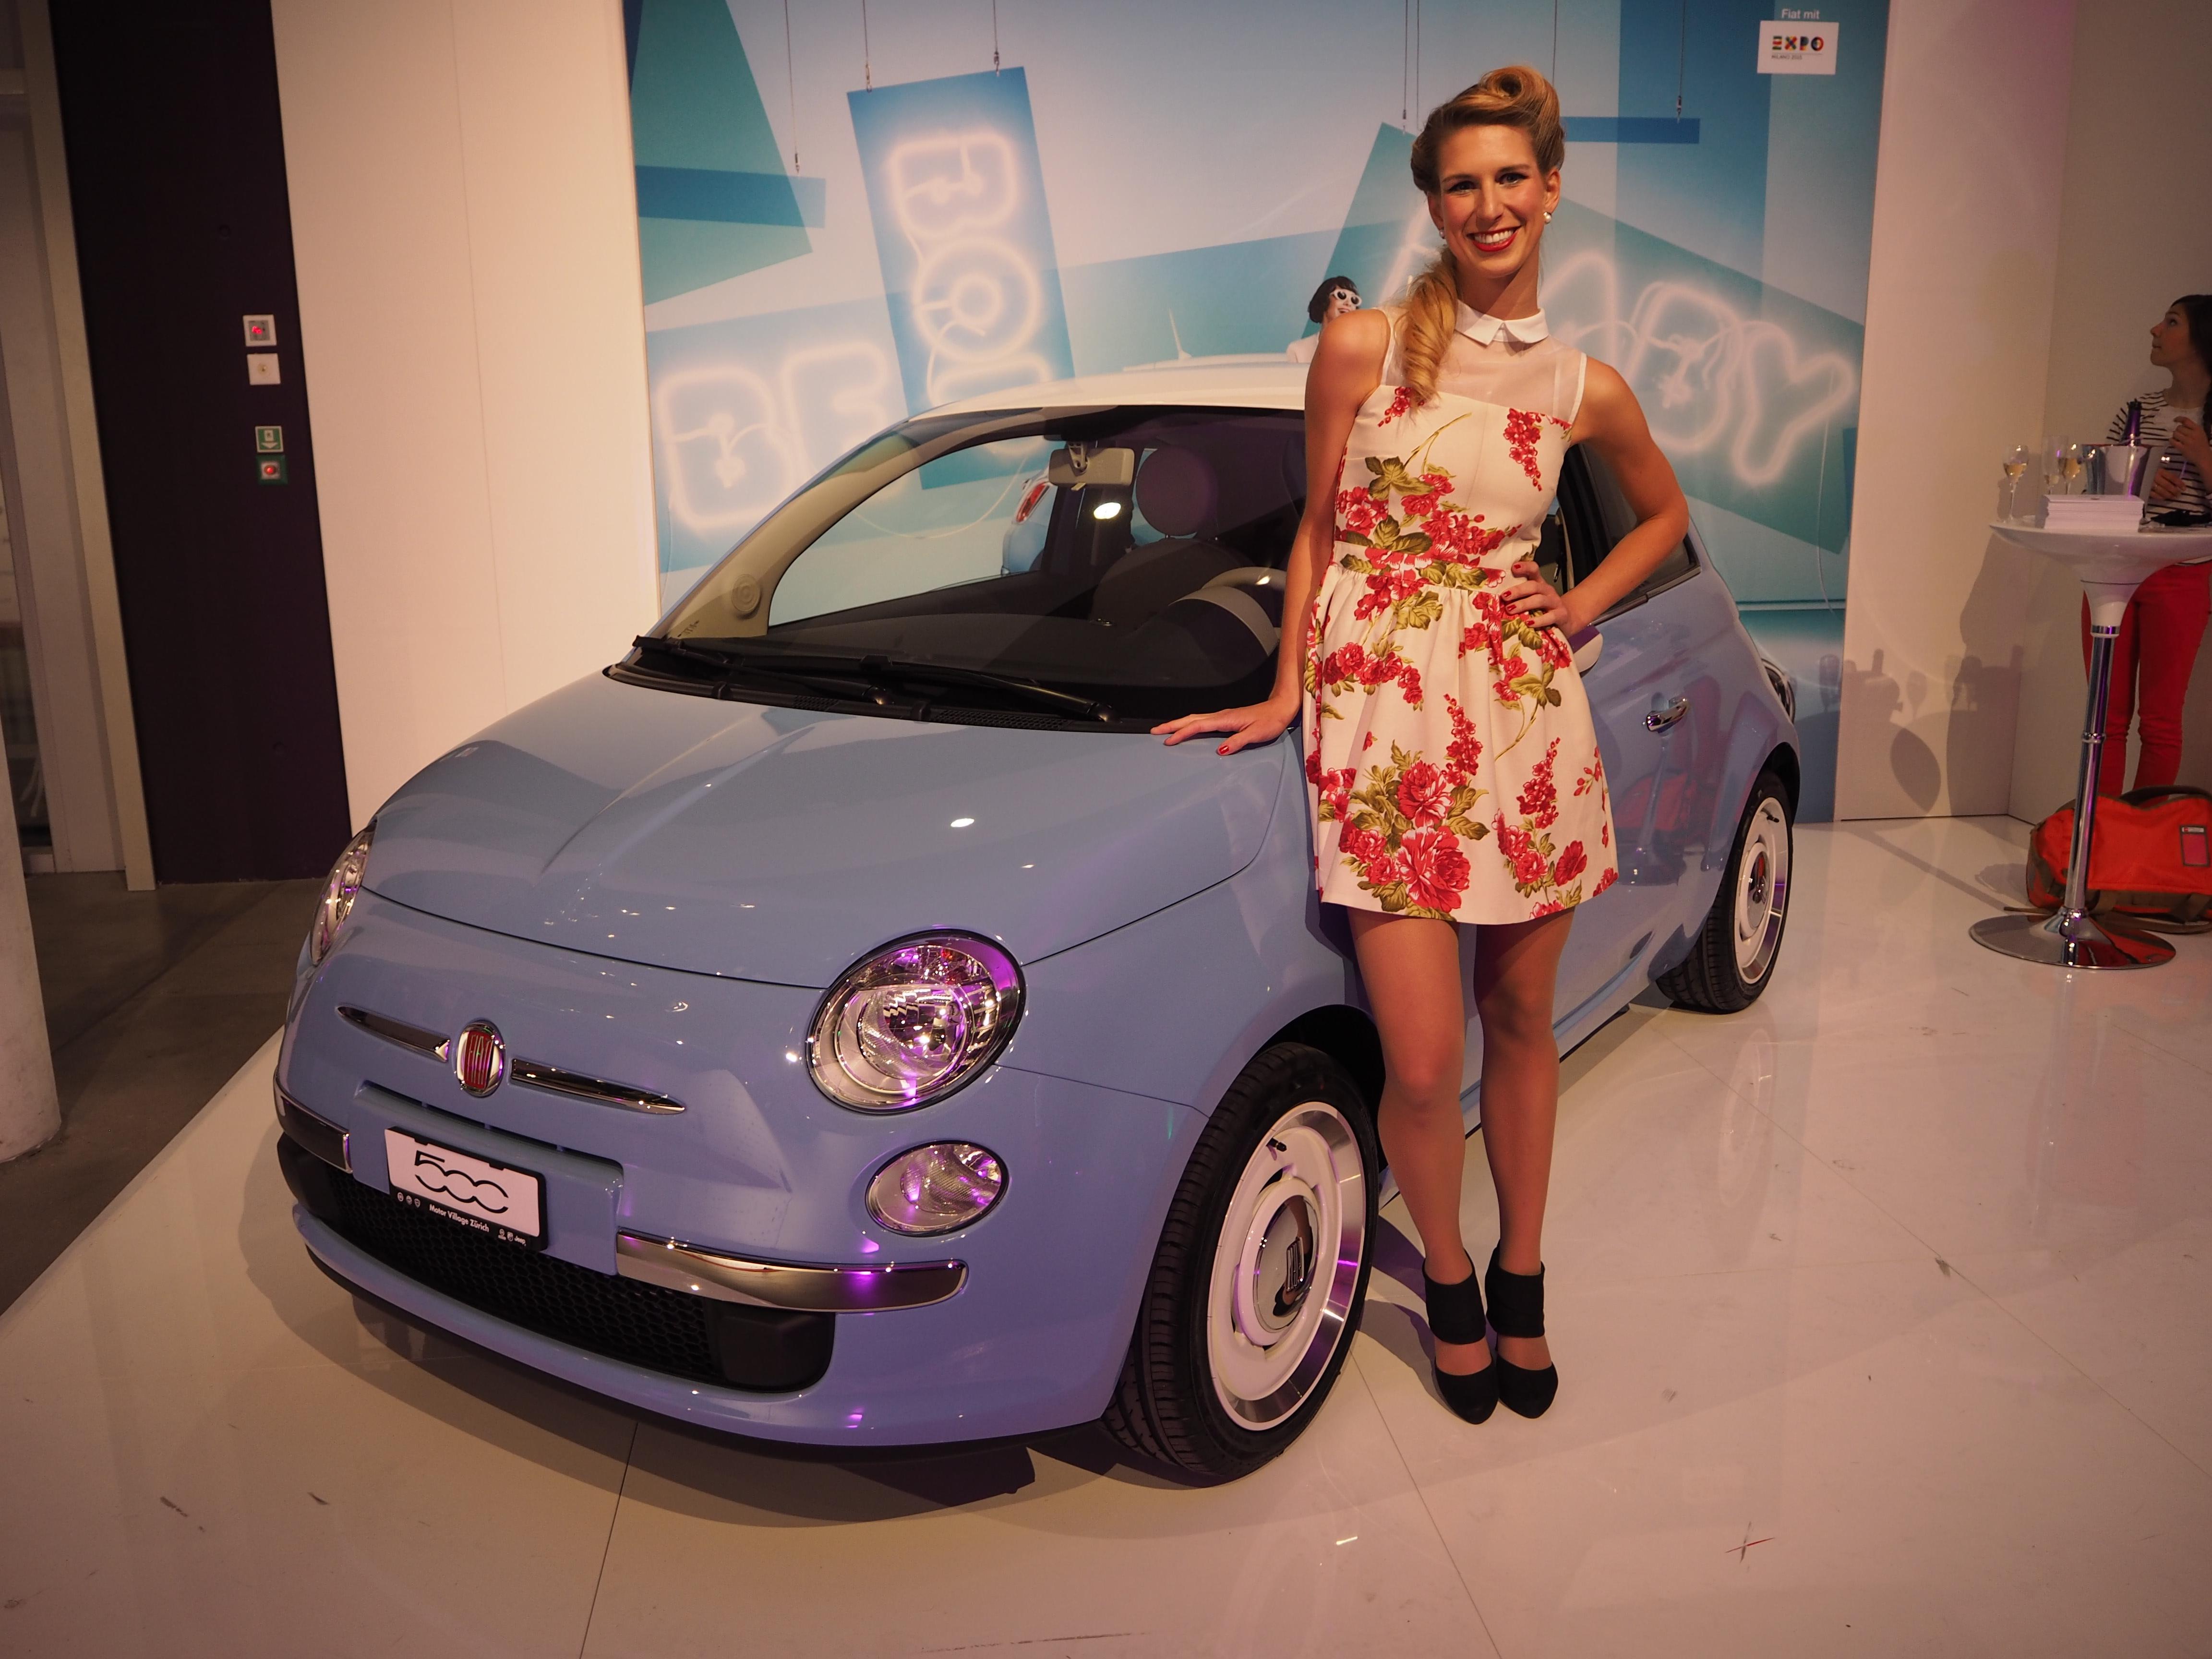 Der neue Fiat500 Vintage mit einer Hostess im Fifties Look